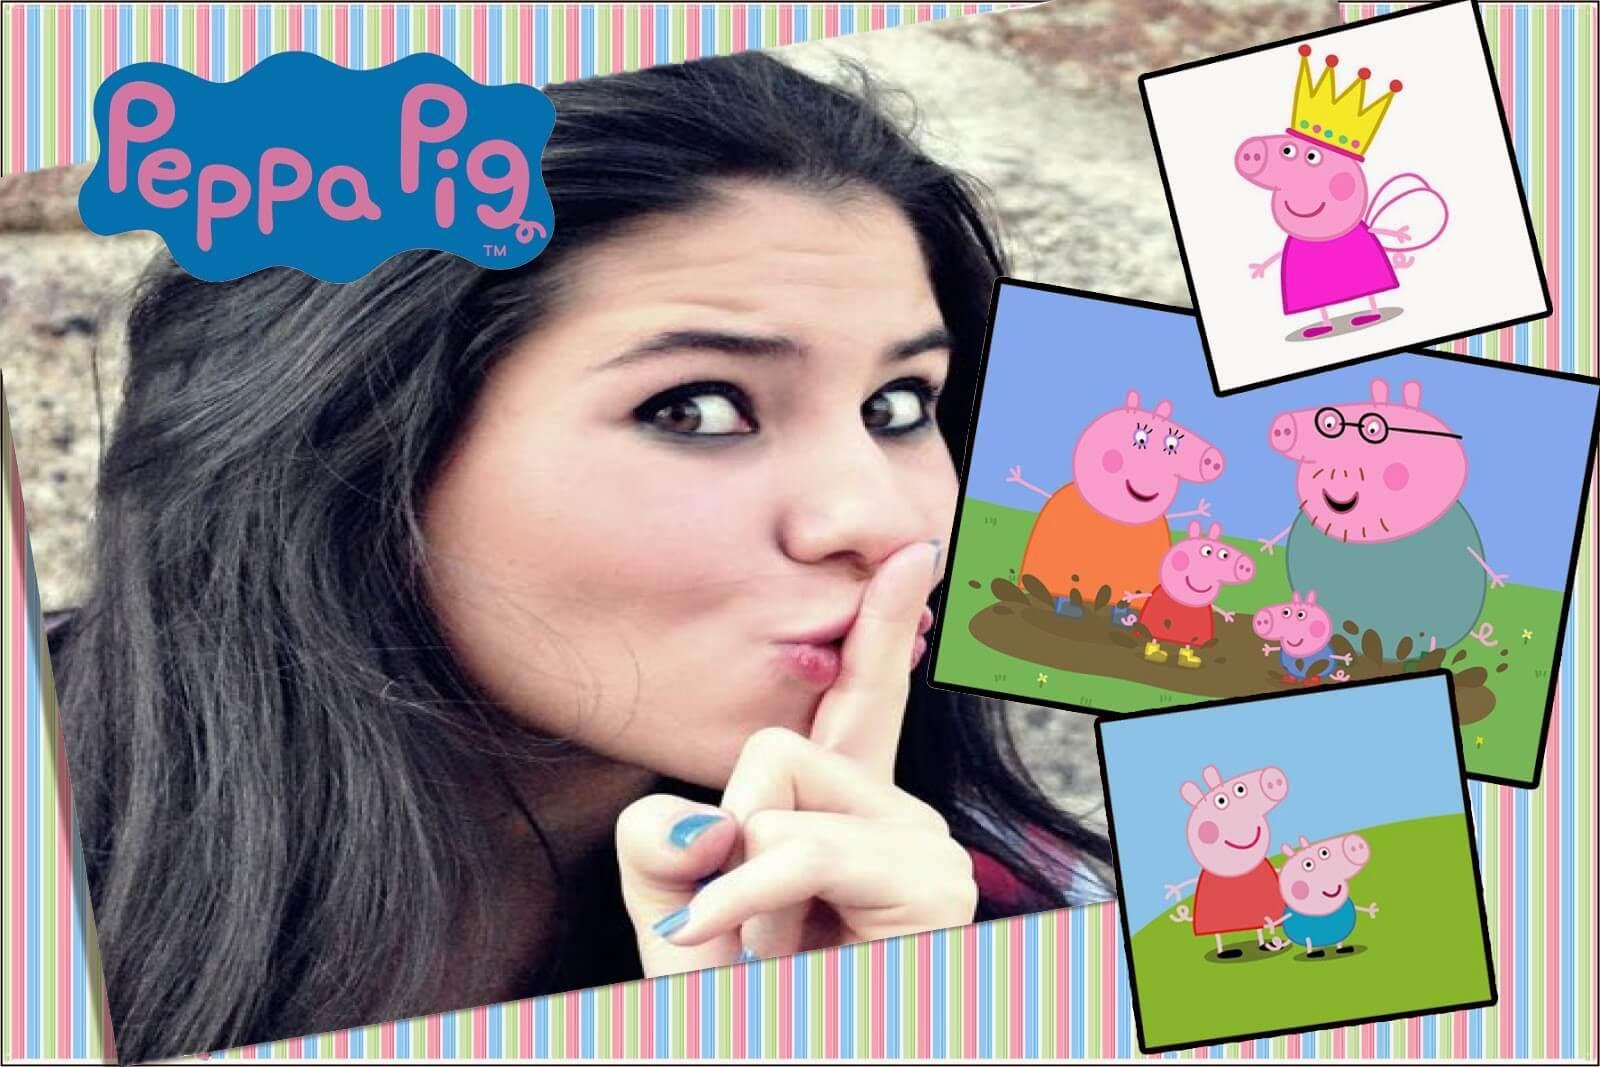 moldura-de-fotos-para-imprimir-peppa-pig-collage